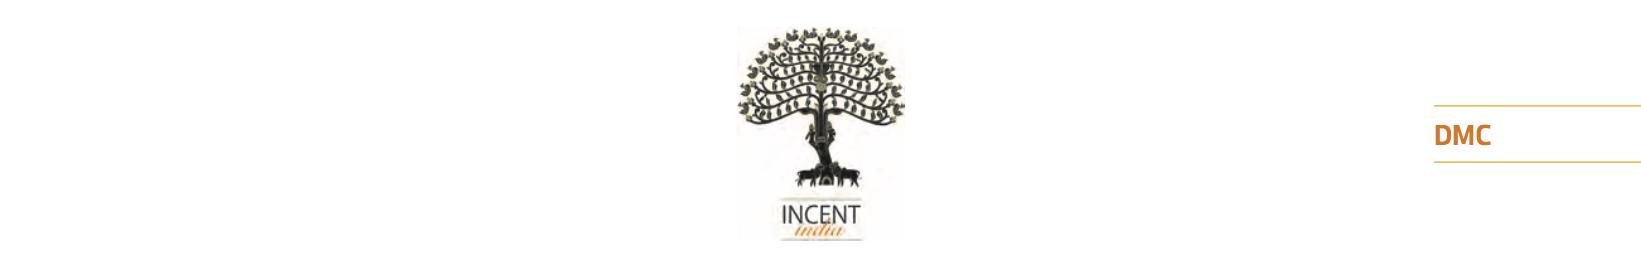 entete_incent_india